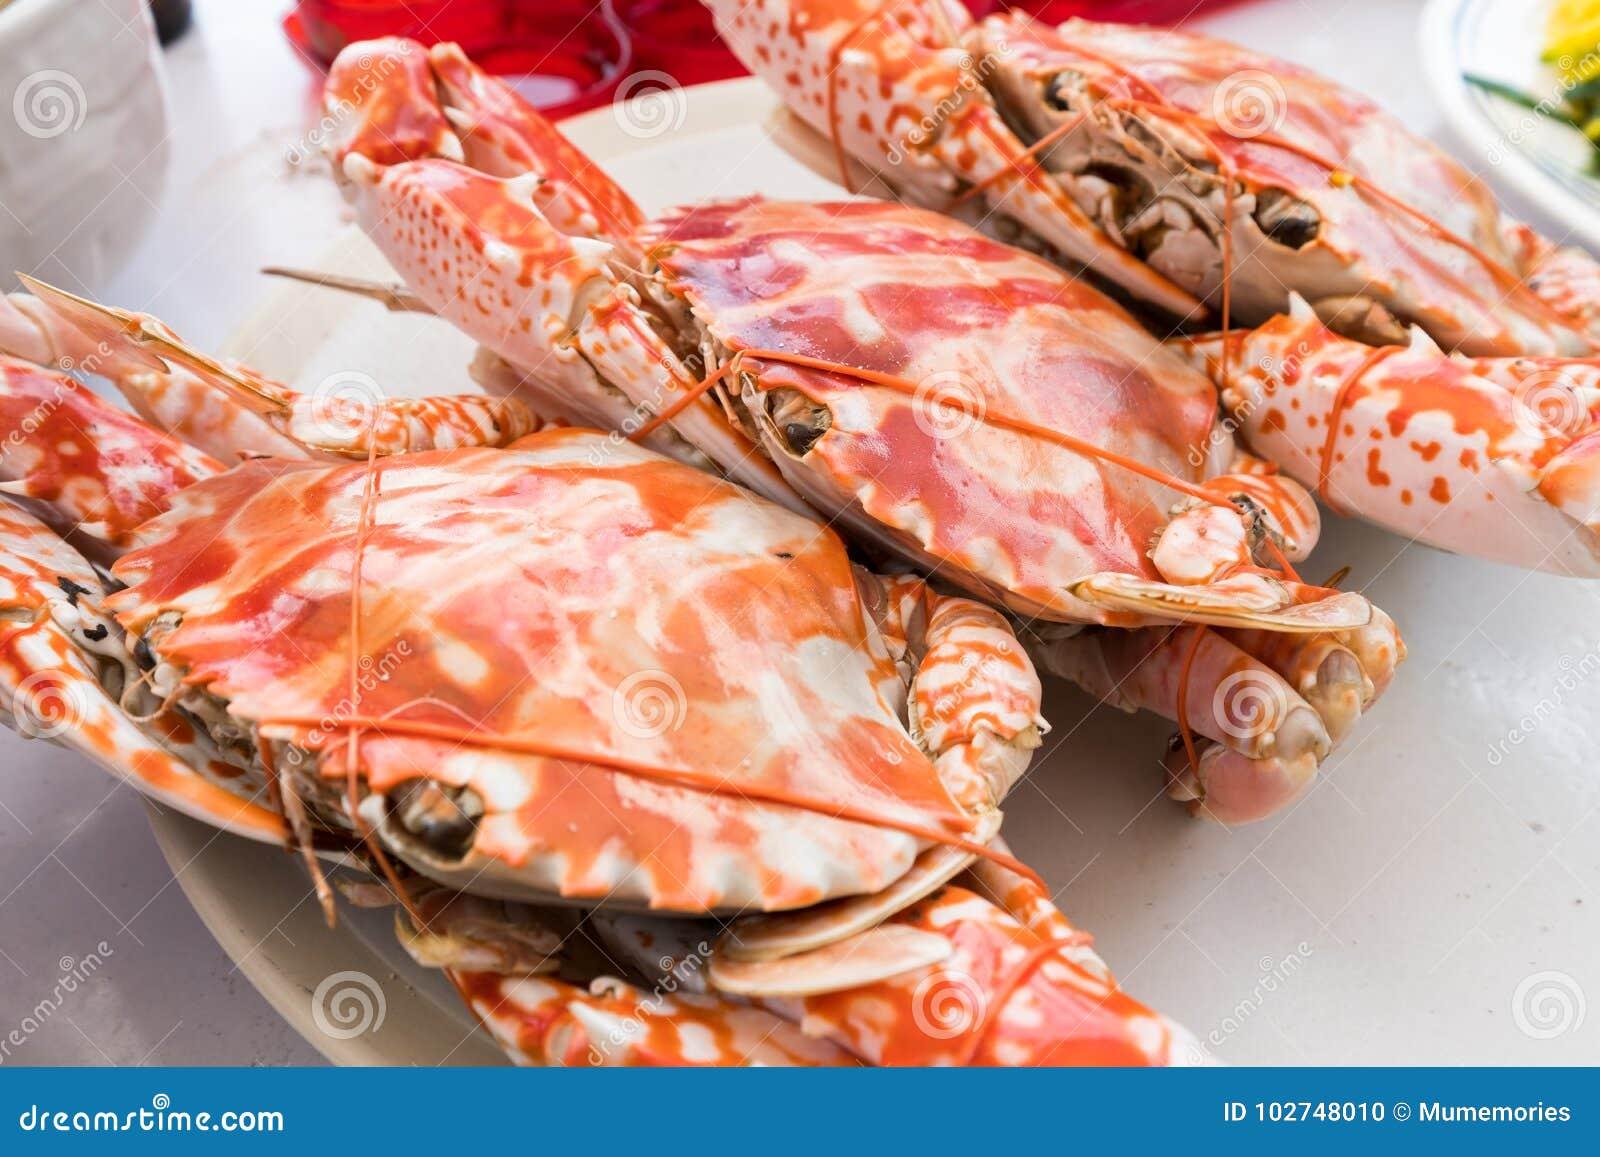 Odparowani Błękitni kraby w talerzu